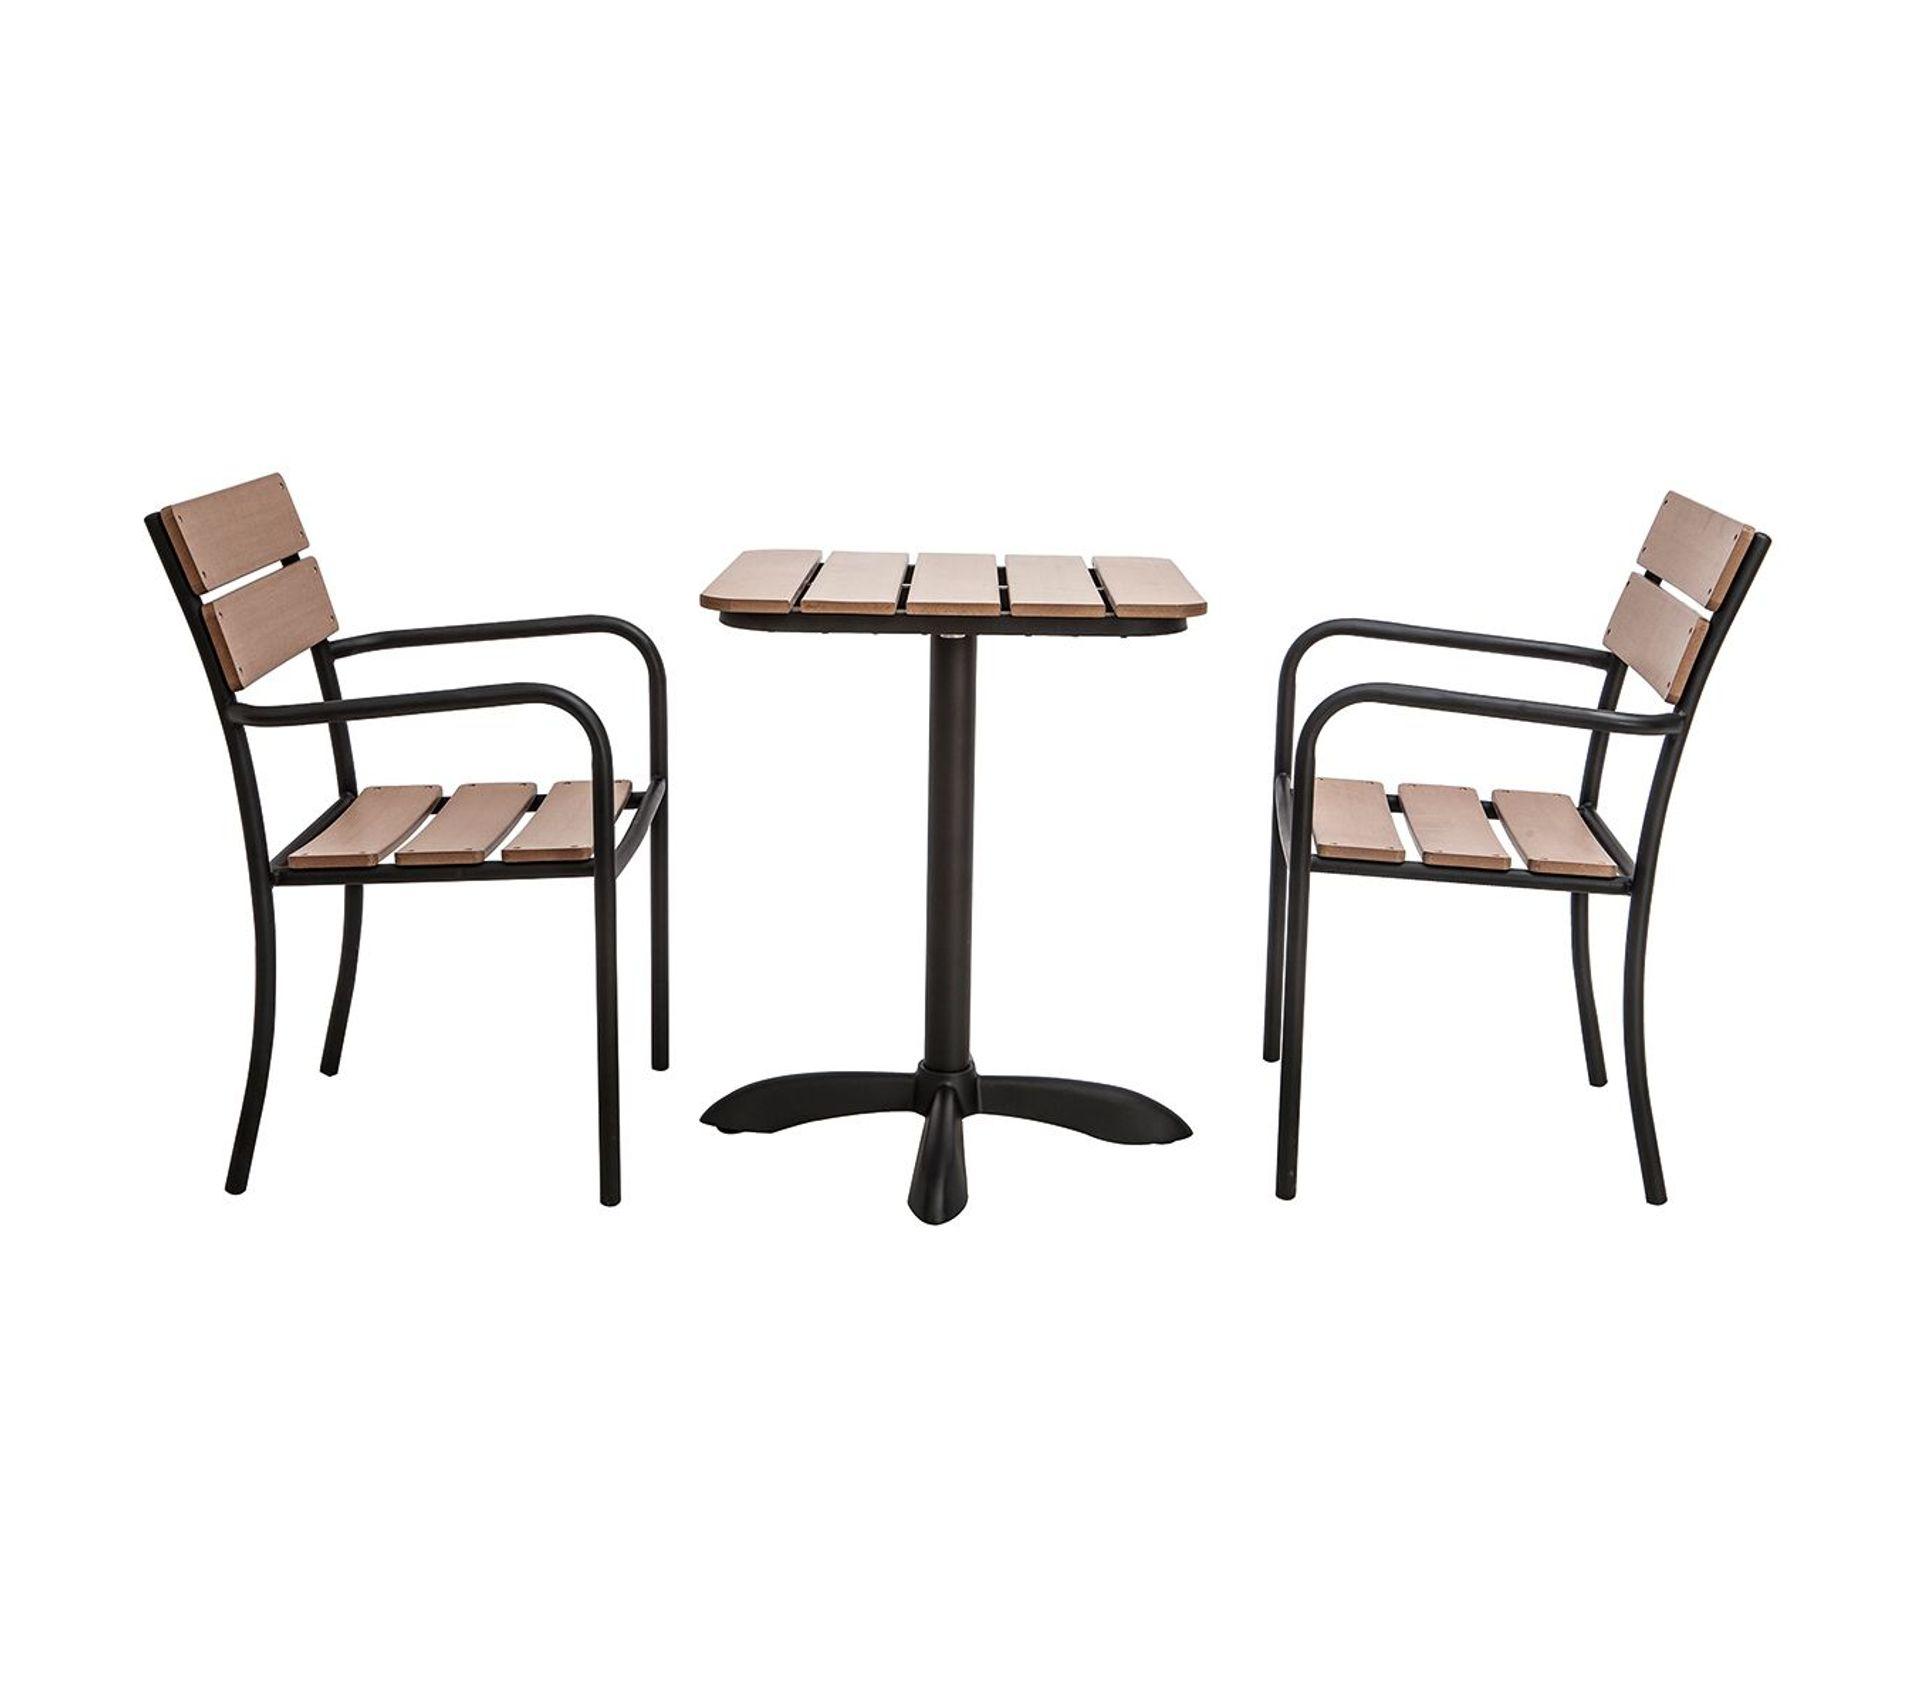 Nettoyer Salon De Jardin En Bois salon de jardin avec table bistrot et 2 chaises noir et bois pub